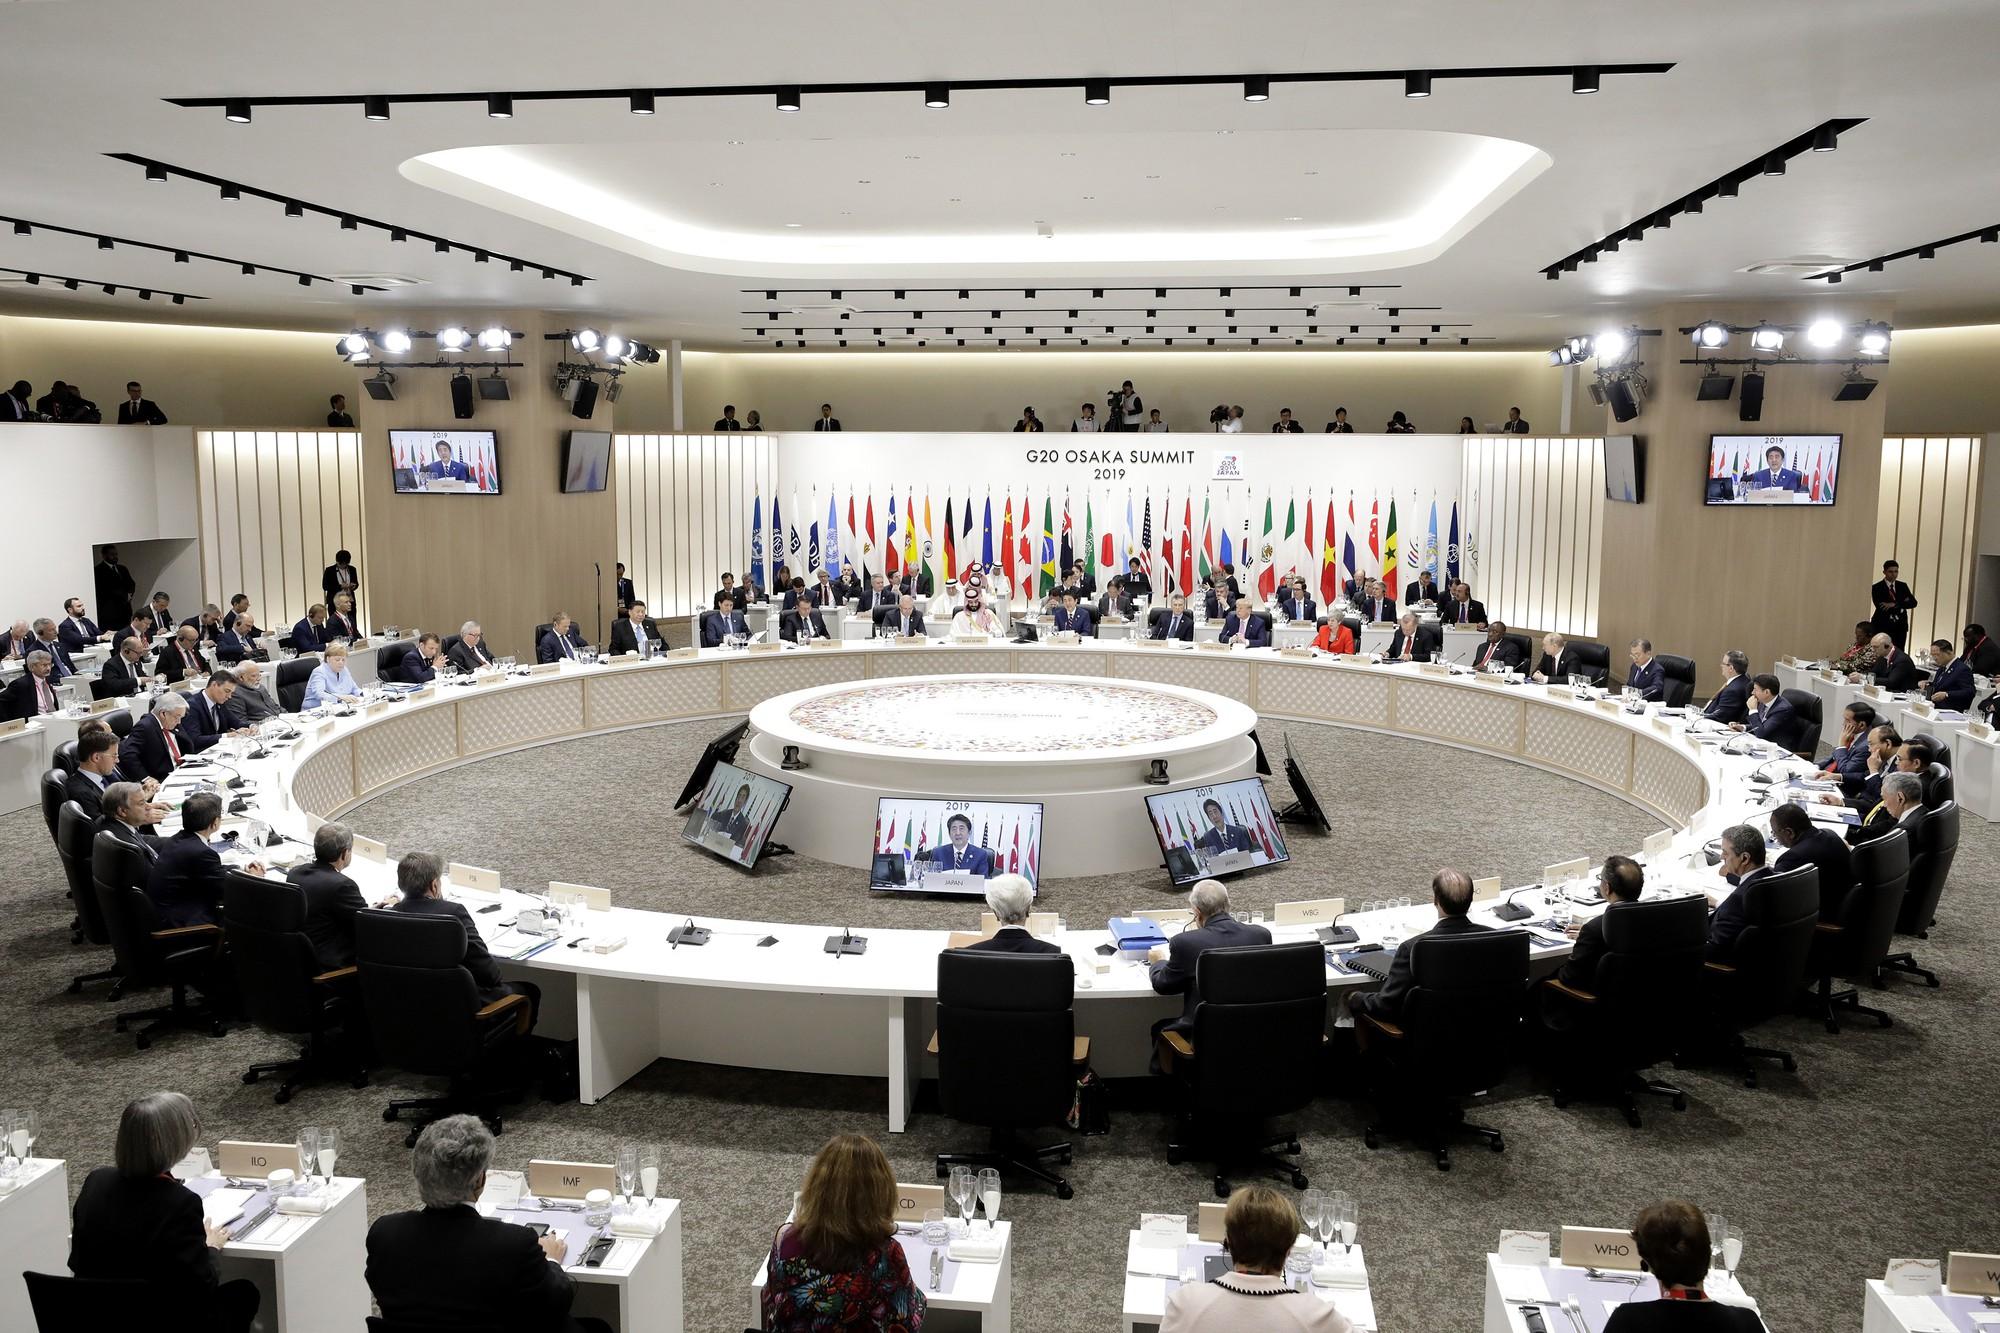 G20 Osaka: Cơ hội hóa giải những căng thẳng của thế giới - Ảnh 10.